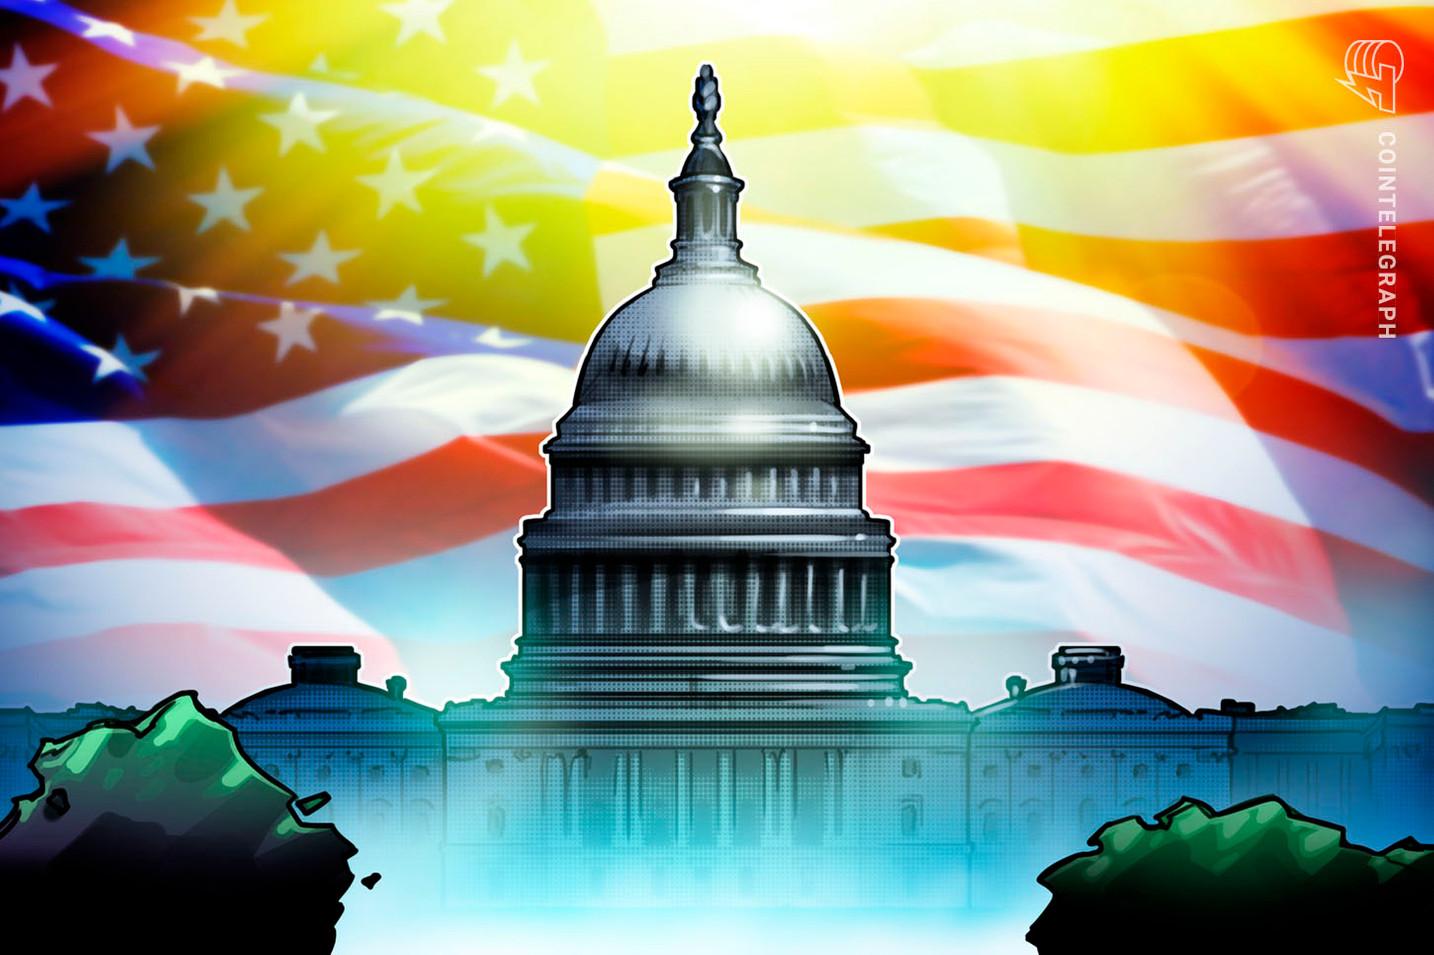 Secondo il parlamentare americano Bill Foster, l'identità digitale sicura 'è il futuro'